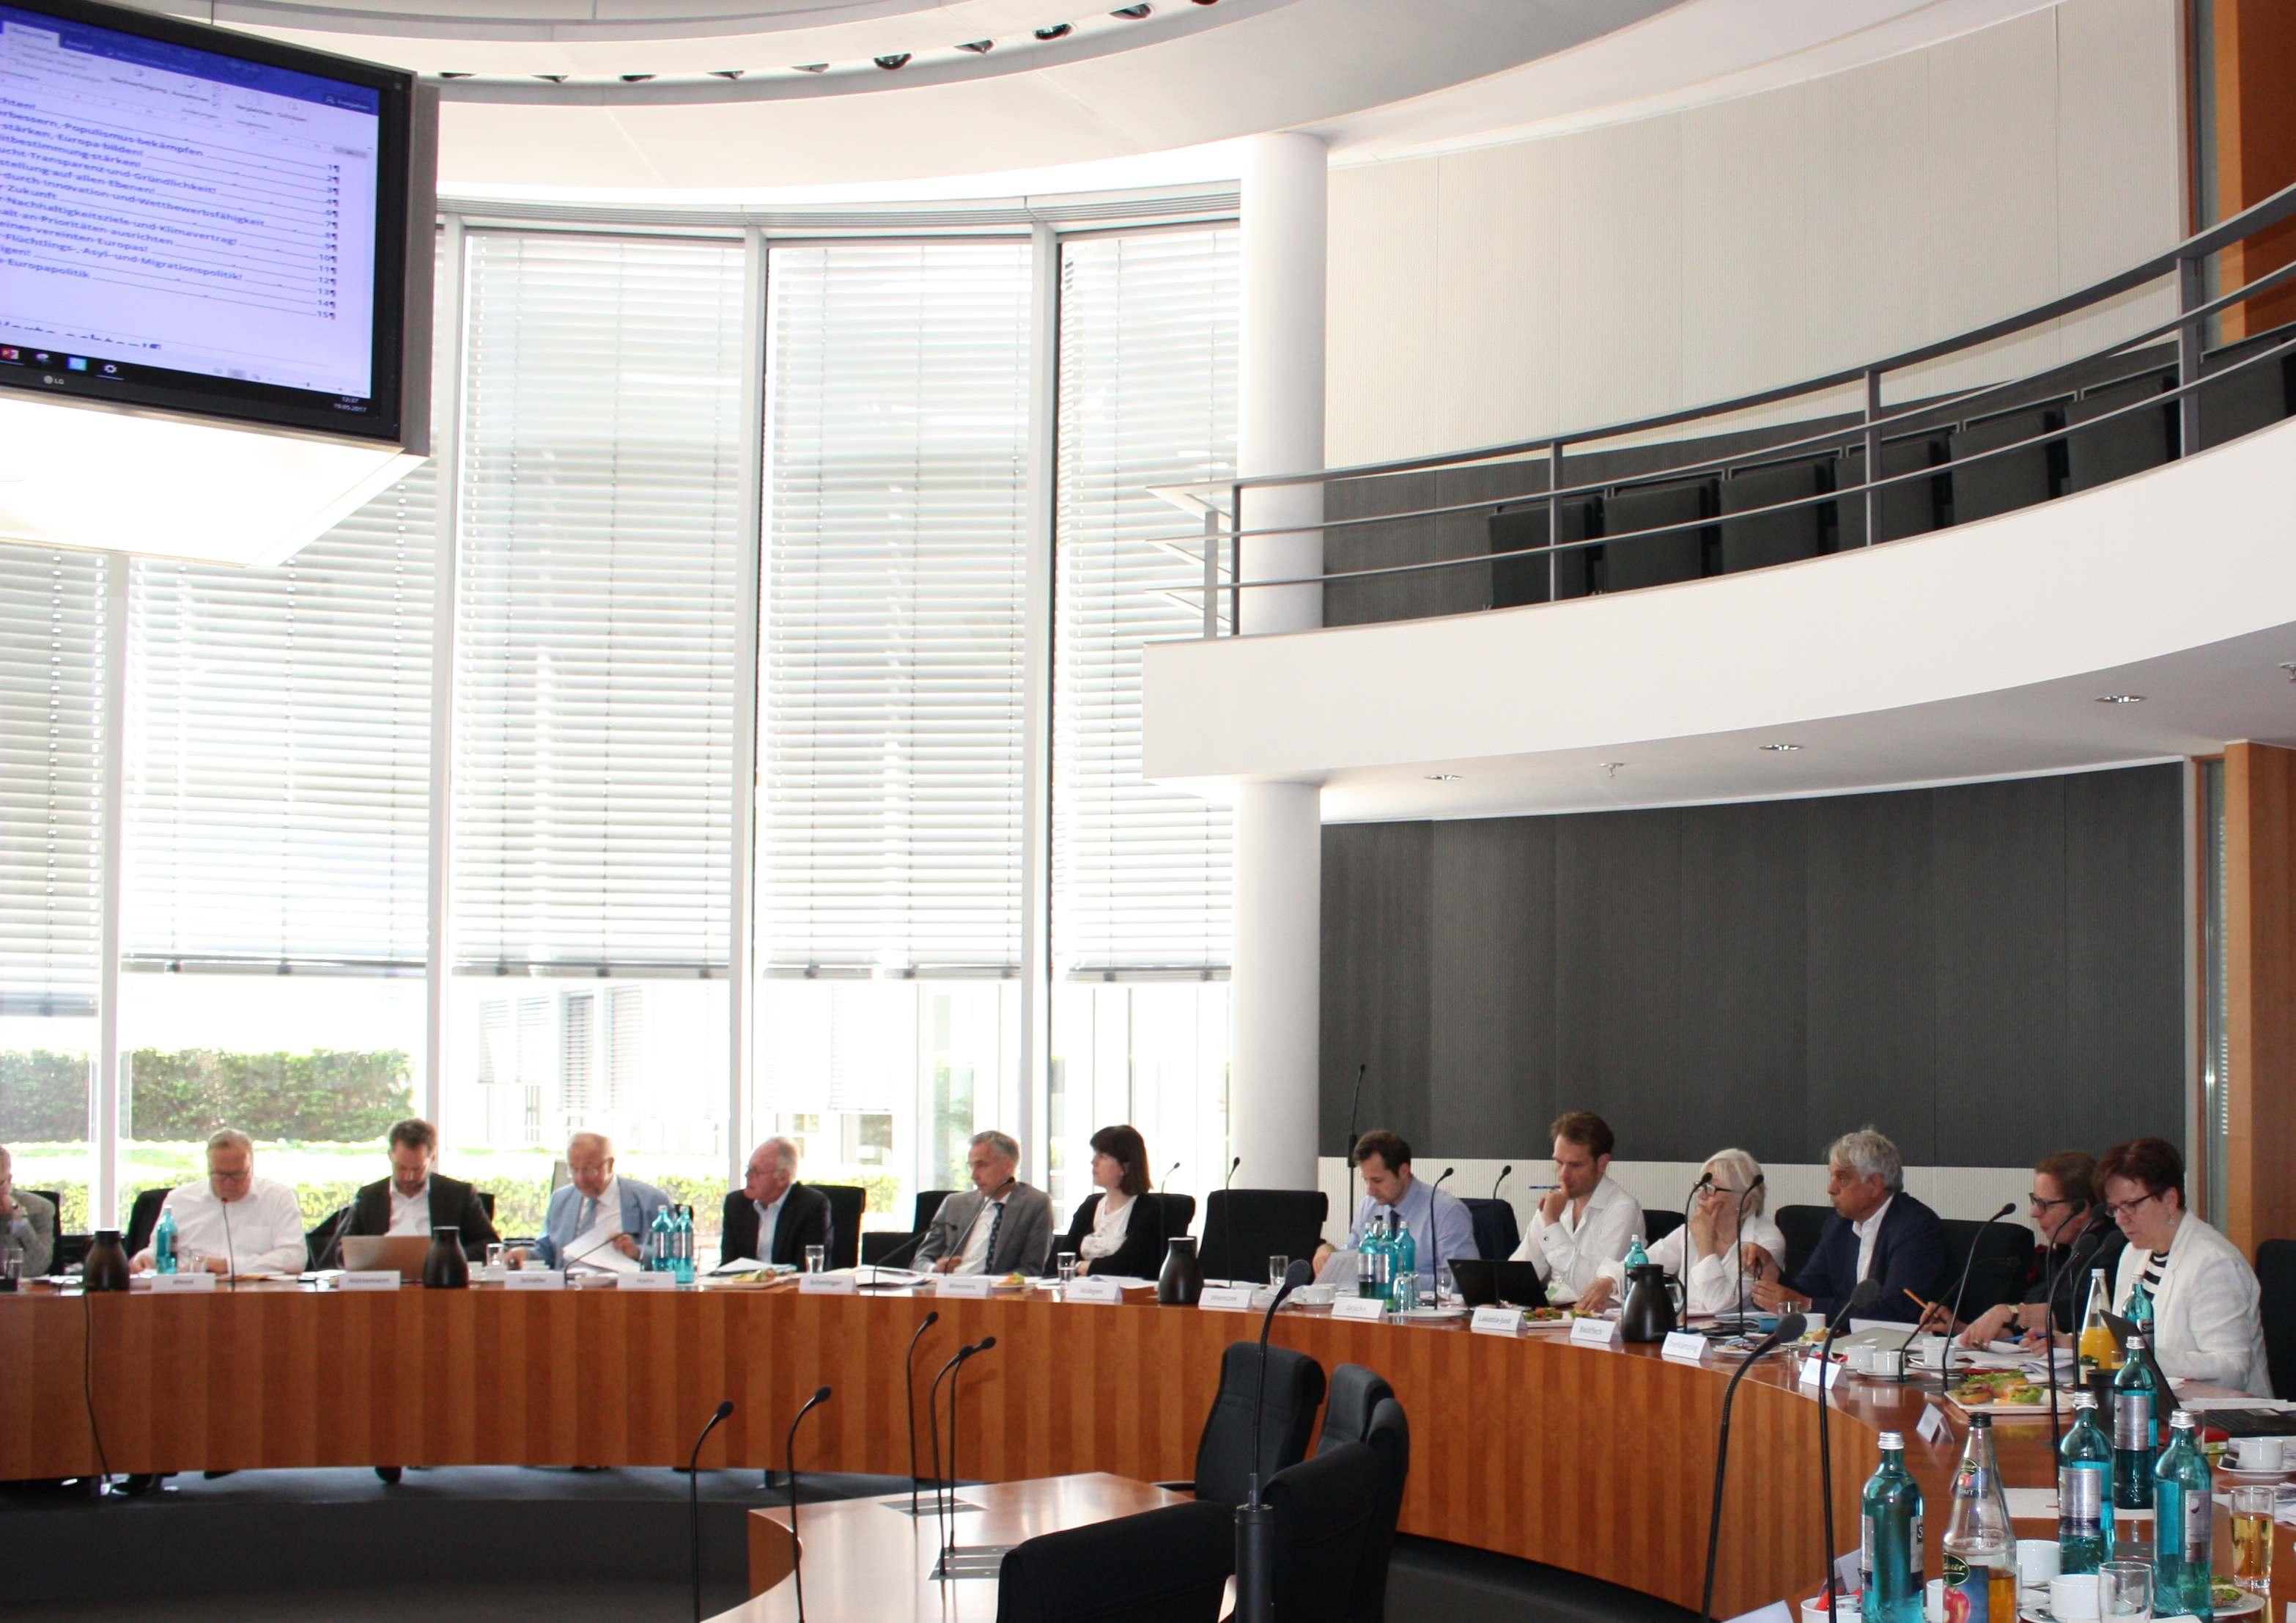 Mehr EU-Budget wagen: EBD-Vorstand beschließt Leitantrag zur EBD-Politik 2017/18